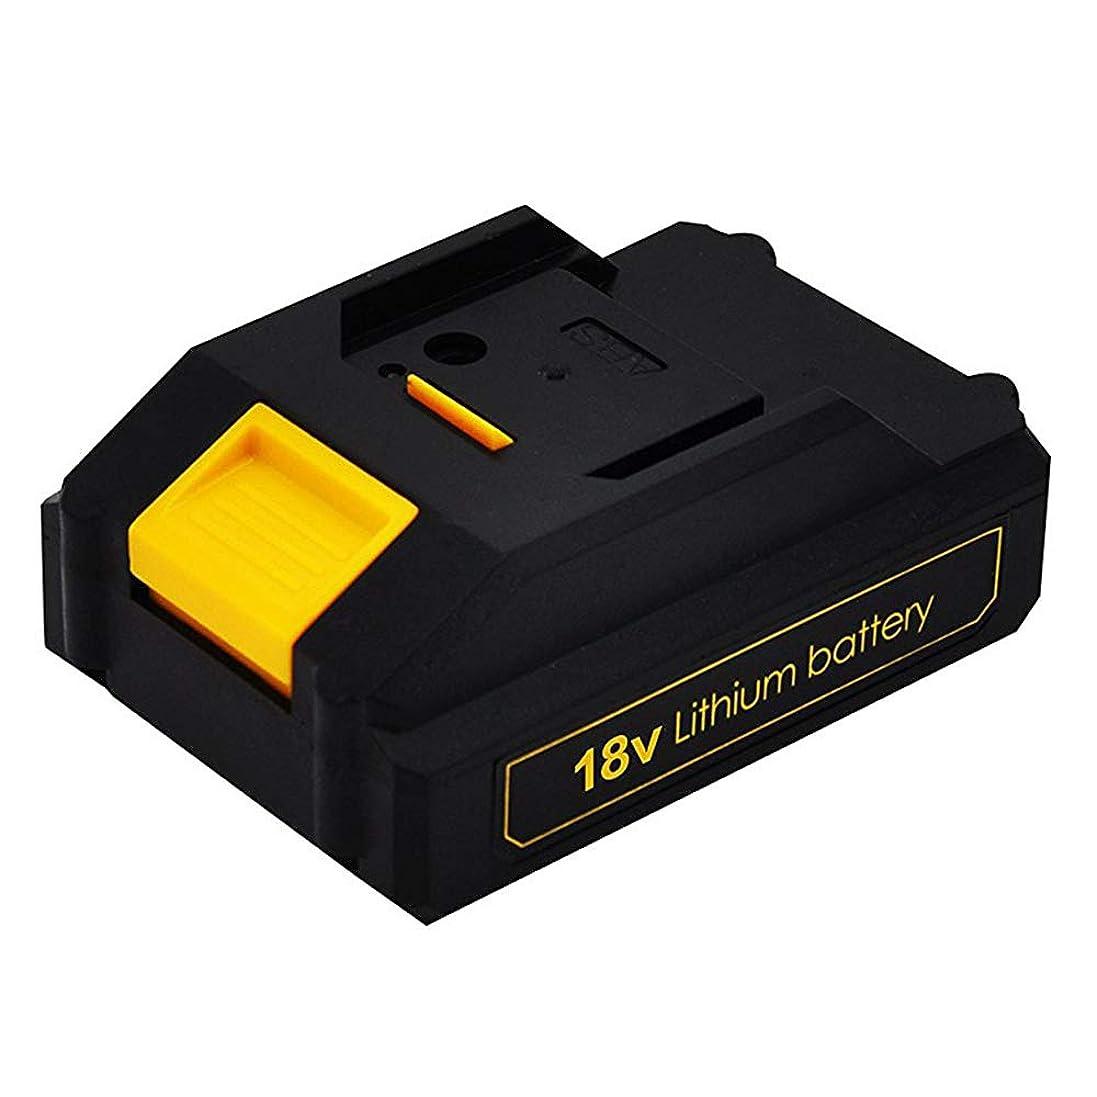 並外れて却下する家主リチウムイオンバッテリー 18V 1300mAh 適用機種:ドリルドライバーD018S-18V/ドリルドライバーD018SS-18V